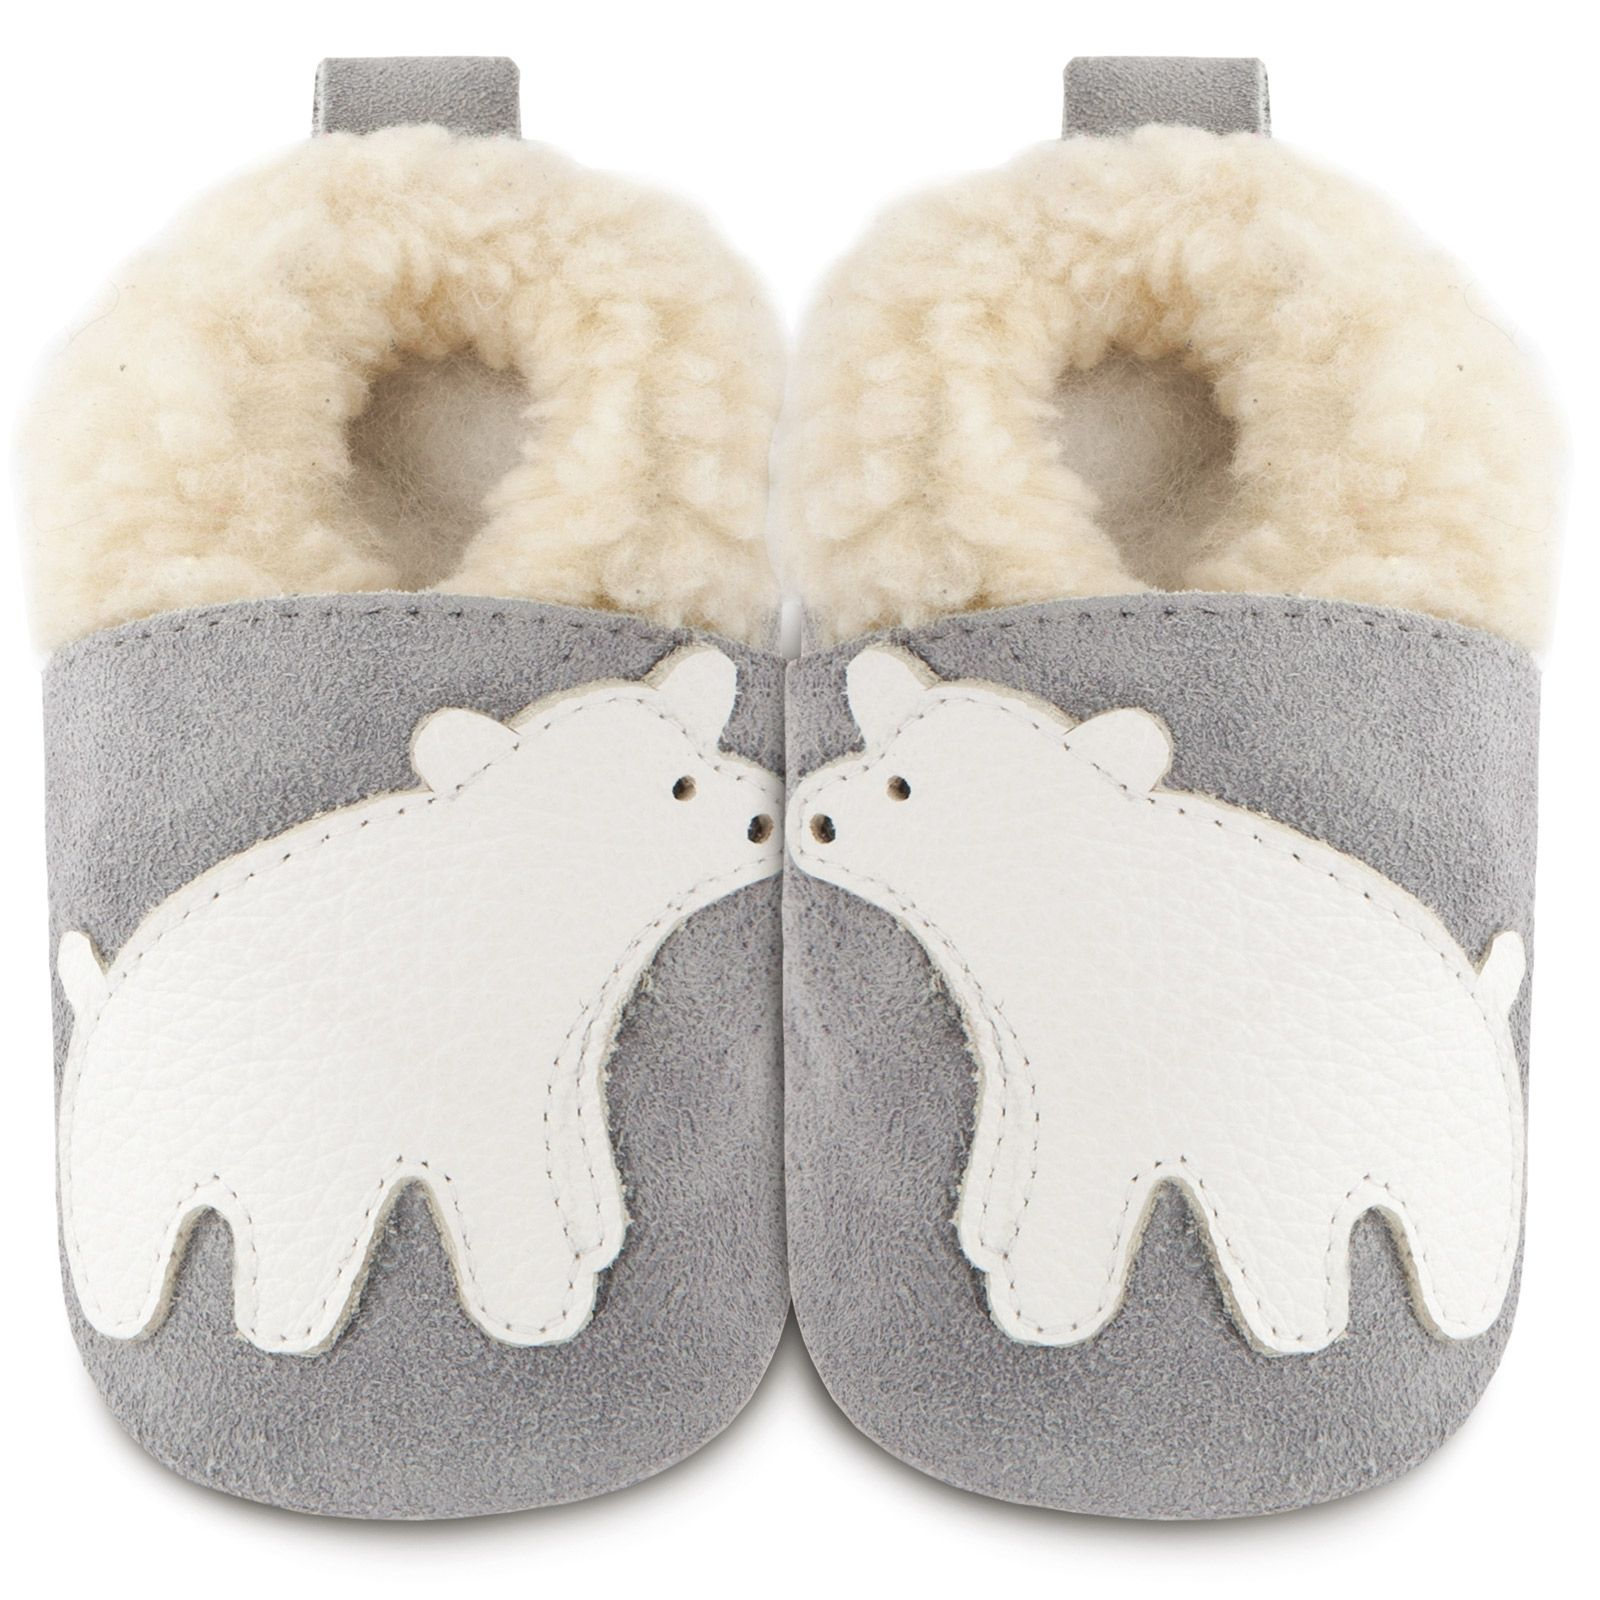 acheter populaire 59380 449fa Chaussons bébé Ours des neiges (6-12 mois) | for son ...